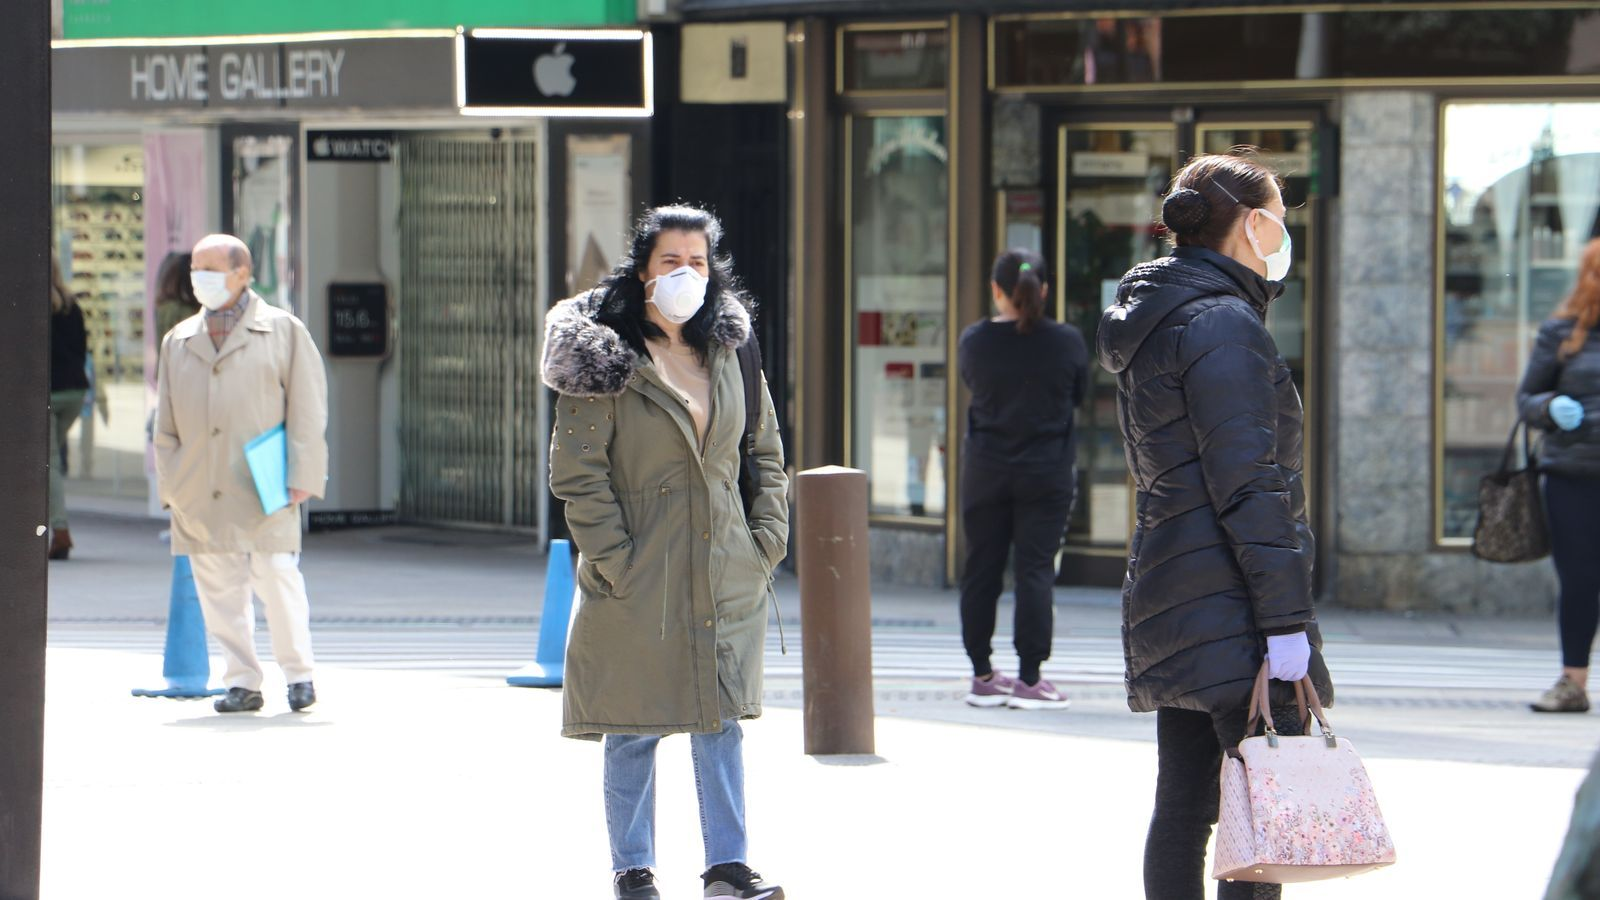 Gent passejant pel carrer. / E. C.